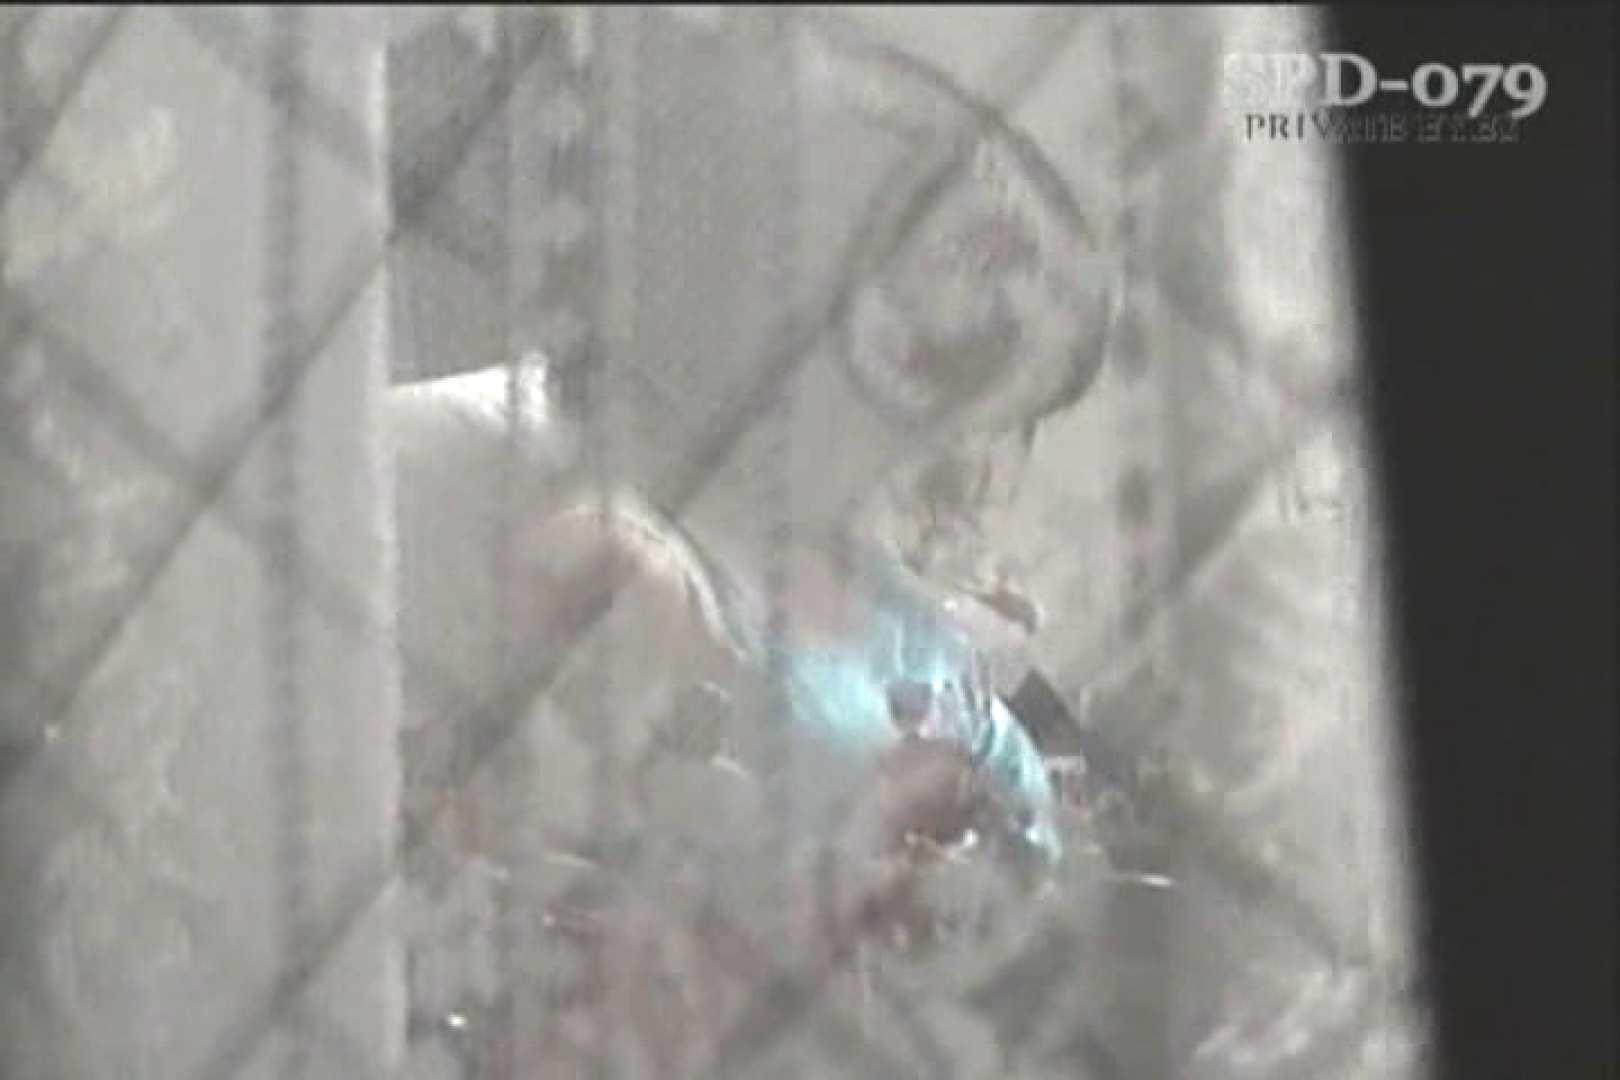 高画質版!SPD-079 盗撮 ~住宅地の恐怖~ 盗撮シリーズ ぱこり動画紹介 95PIX 82